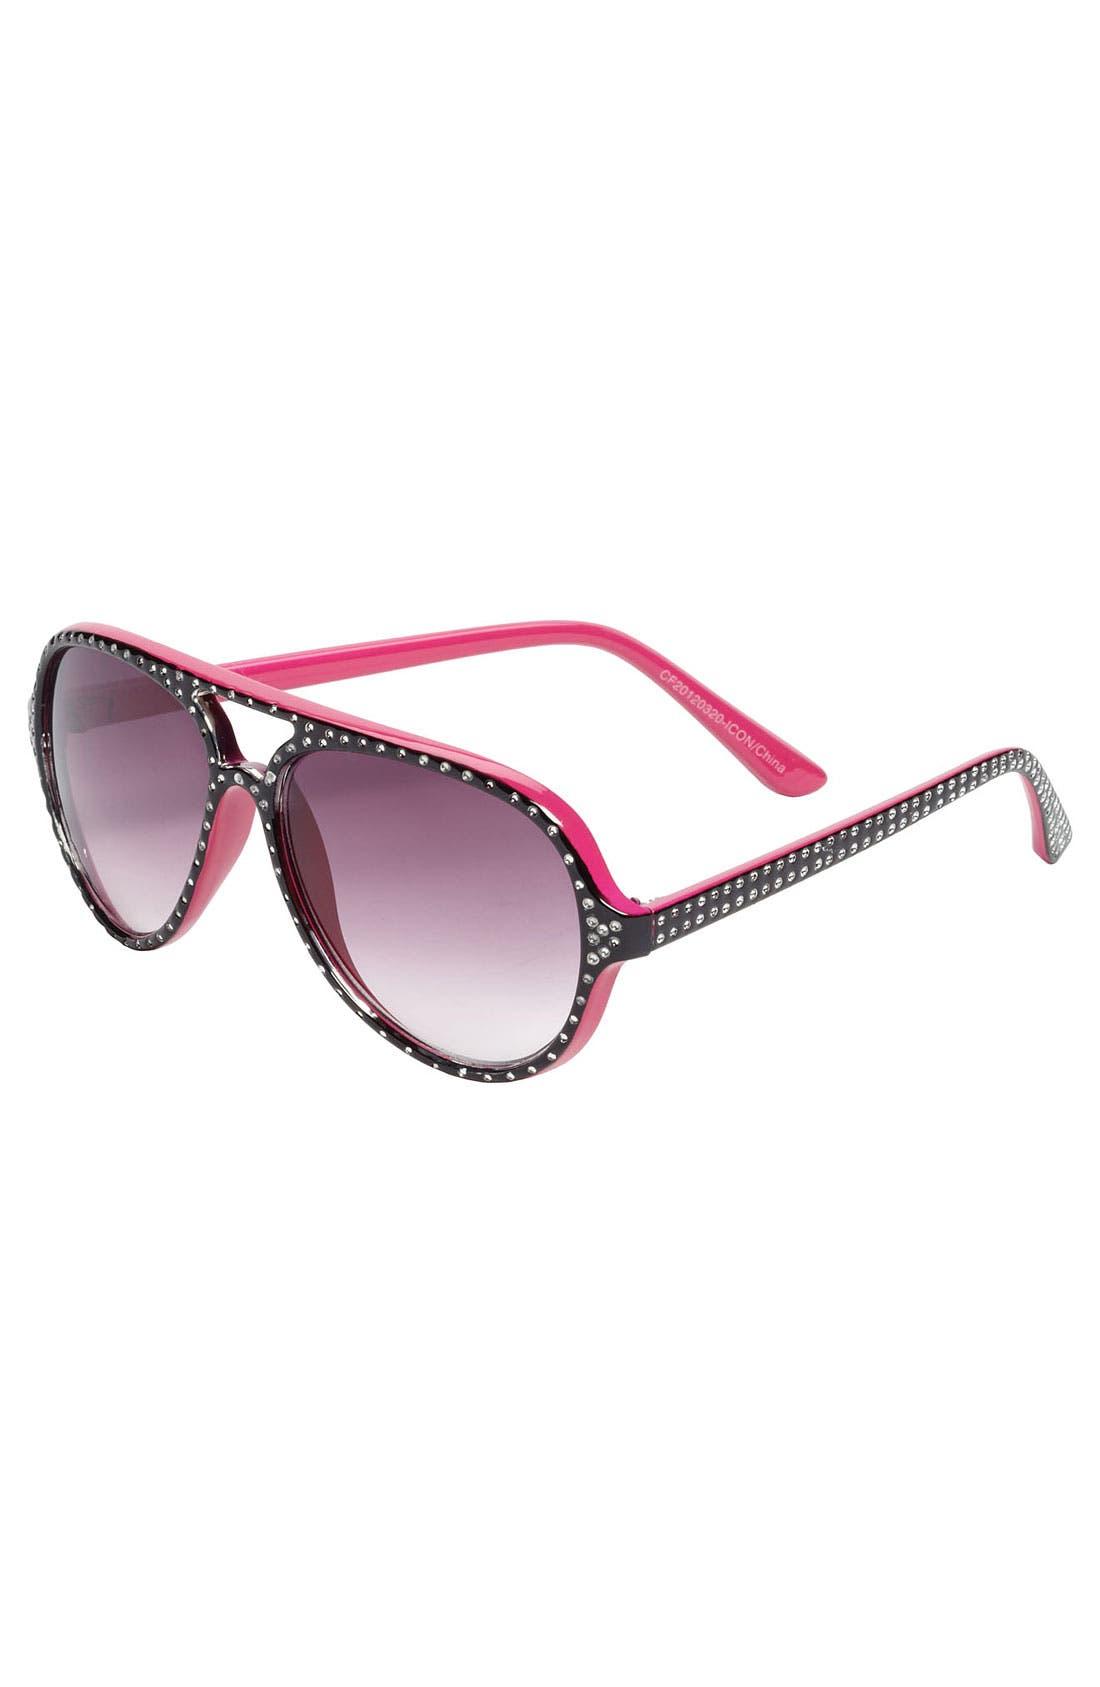 Main Image - Icon Eyewear Aviator Sunglasses (Girls)